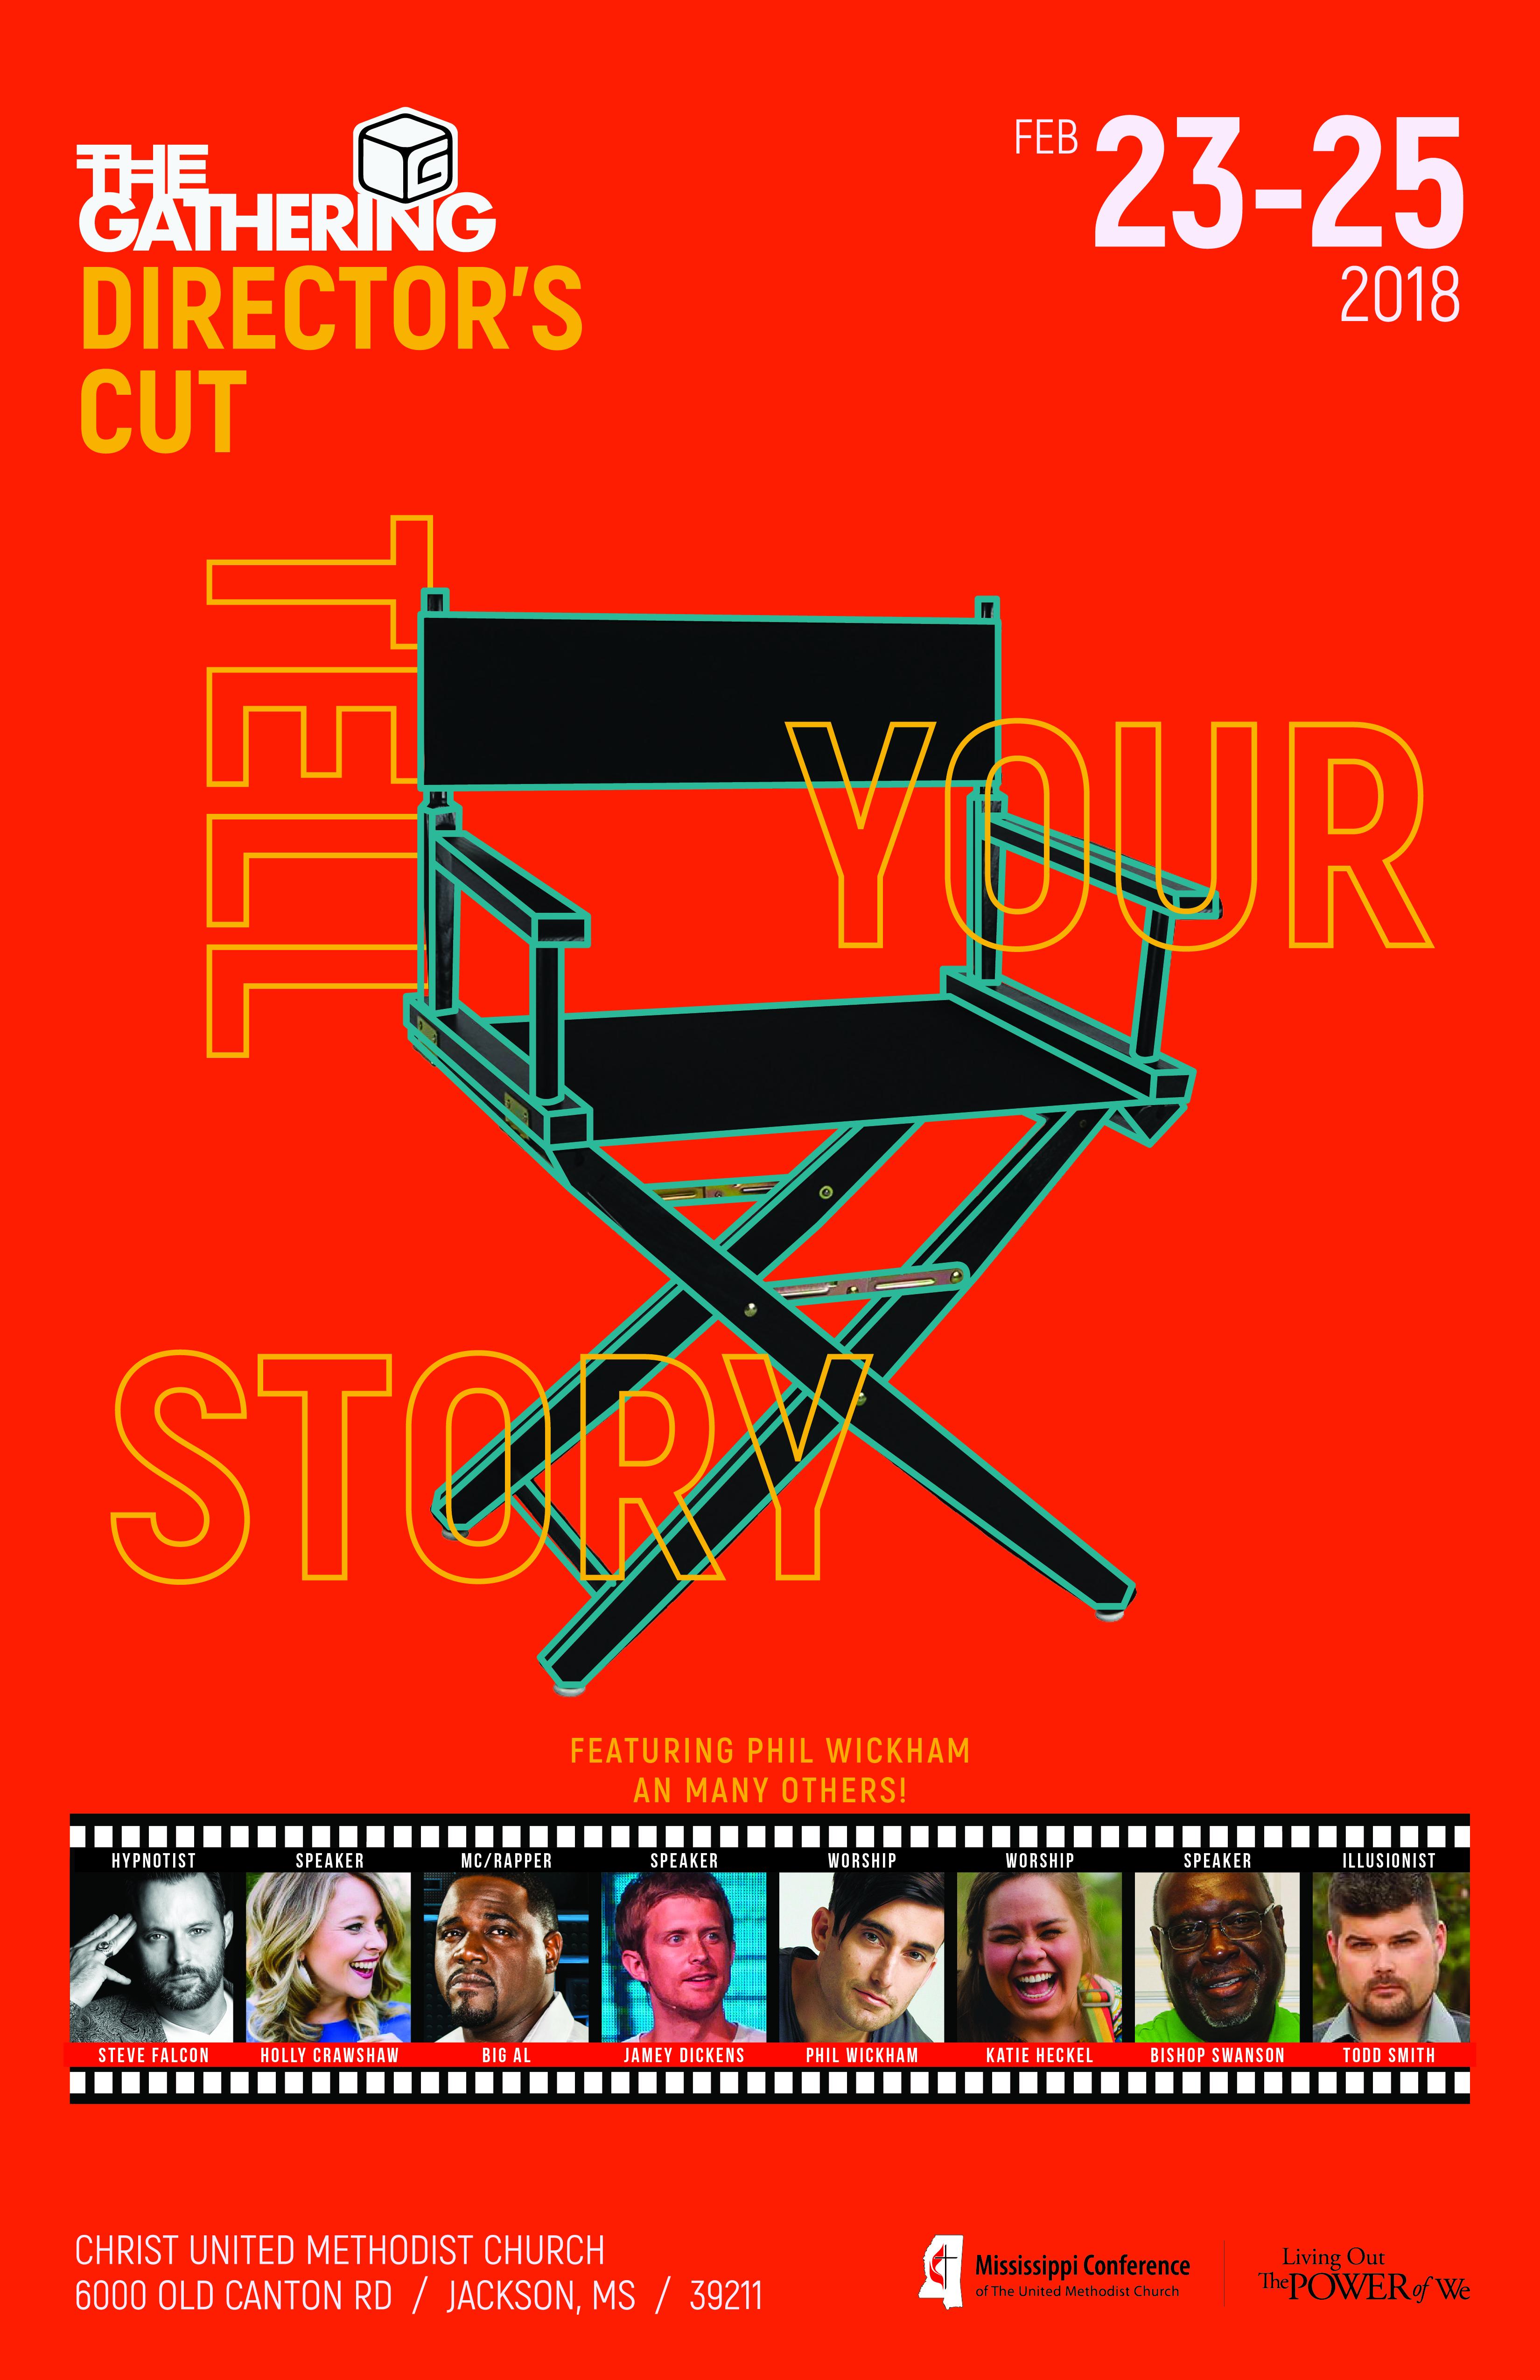 The Gathering Directors Cut Tour